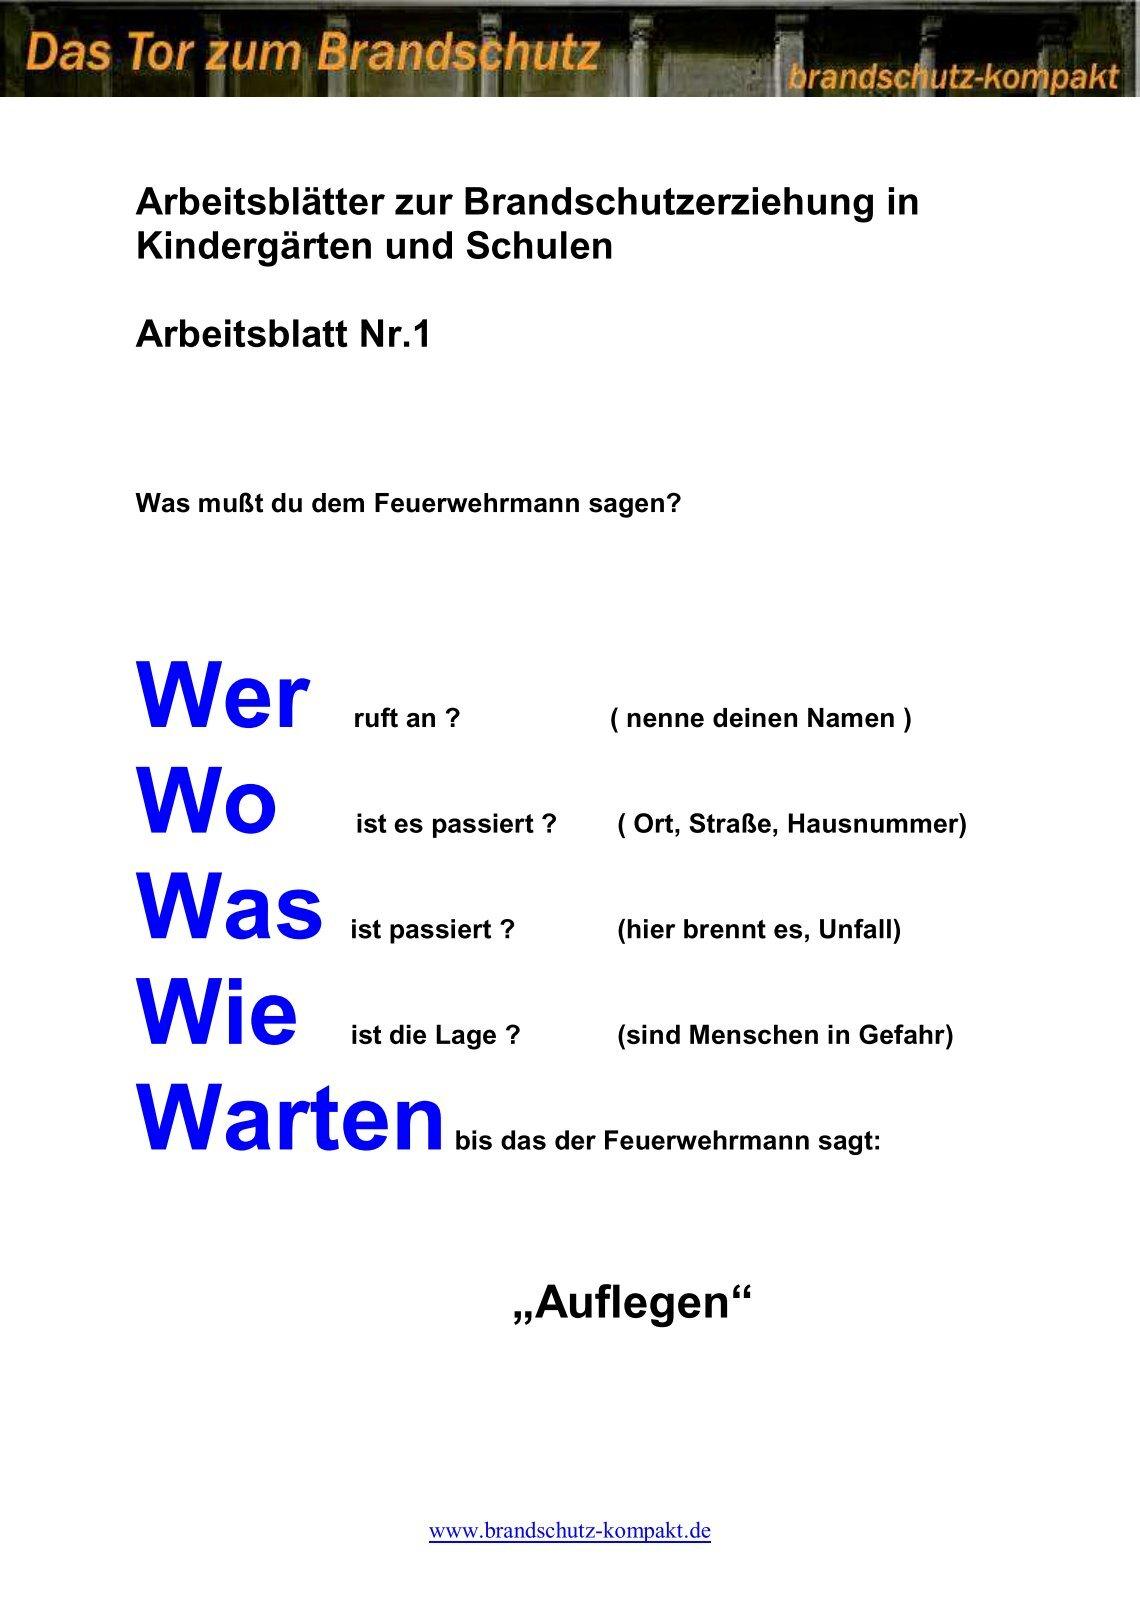 2 free Magazines from FEUERWEHR.NEUENSTADT.DE